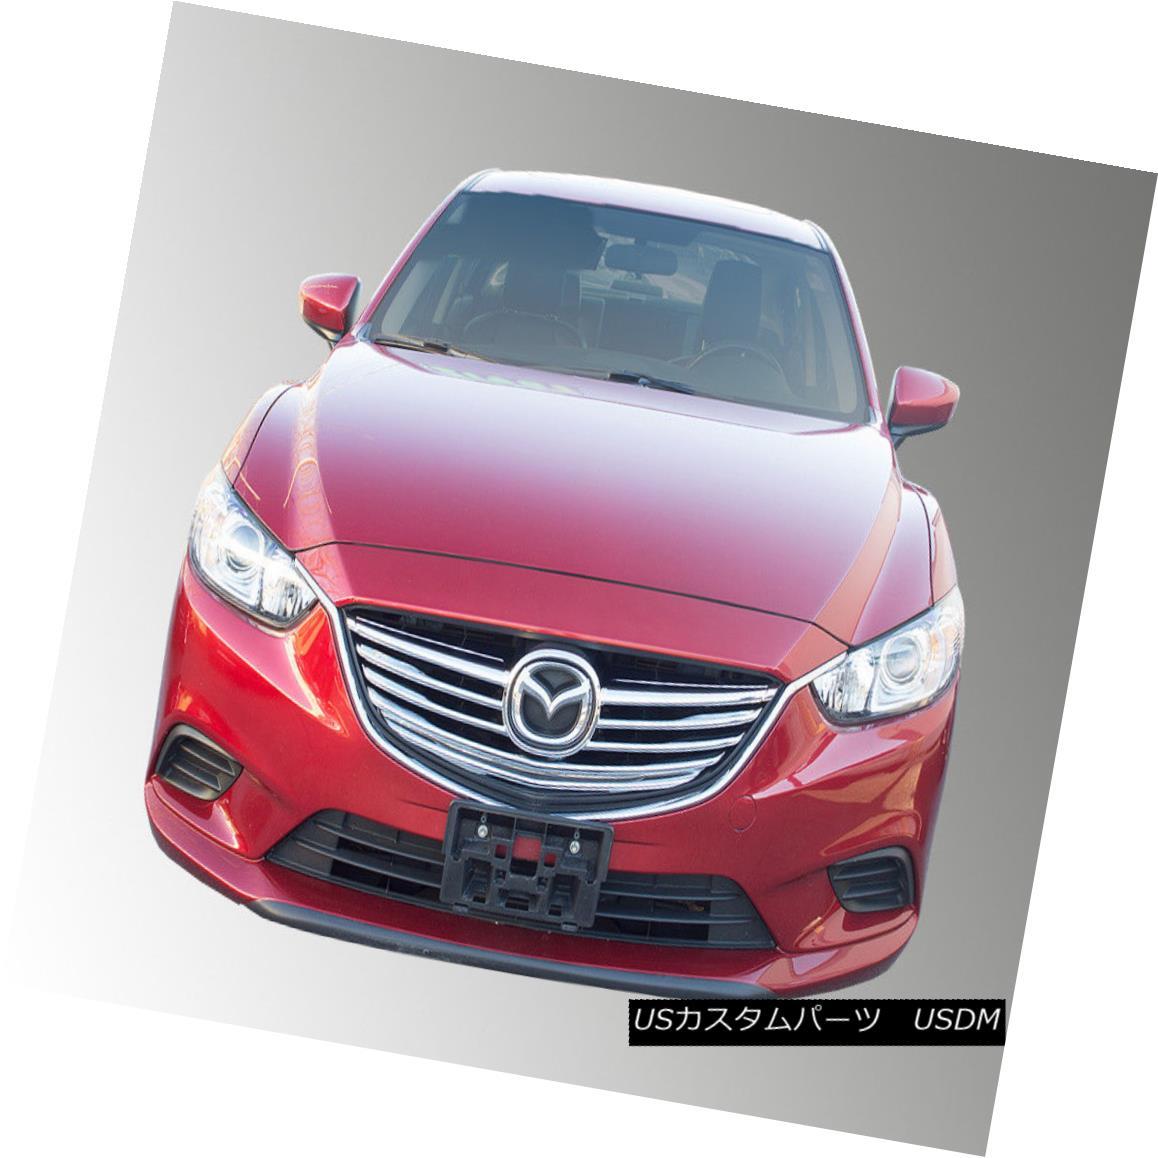 グリル SES Trims - 2-Pc Custom Style Chrome Main Grille for 14-15 Mazda 6 SESトリム - 14 - 15マツダ6のための2 - Pcカスタムスタイルクロムメイングリル